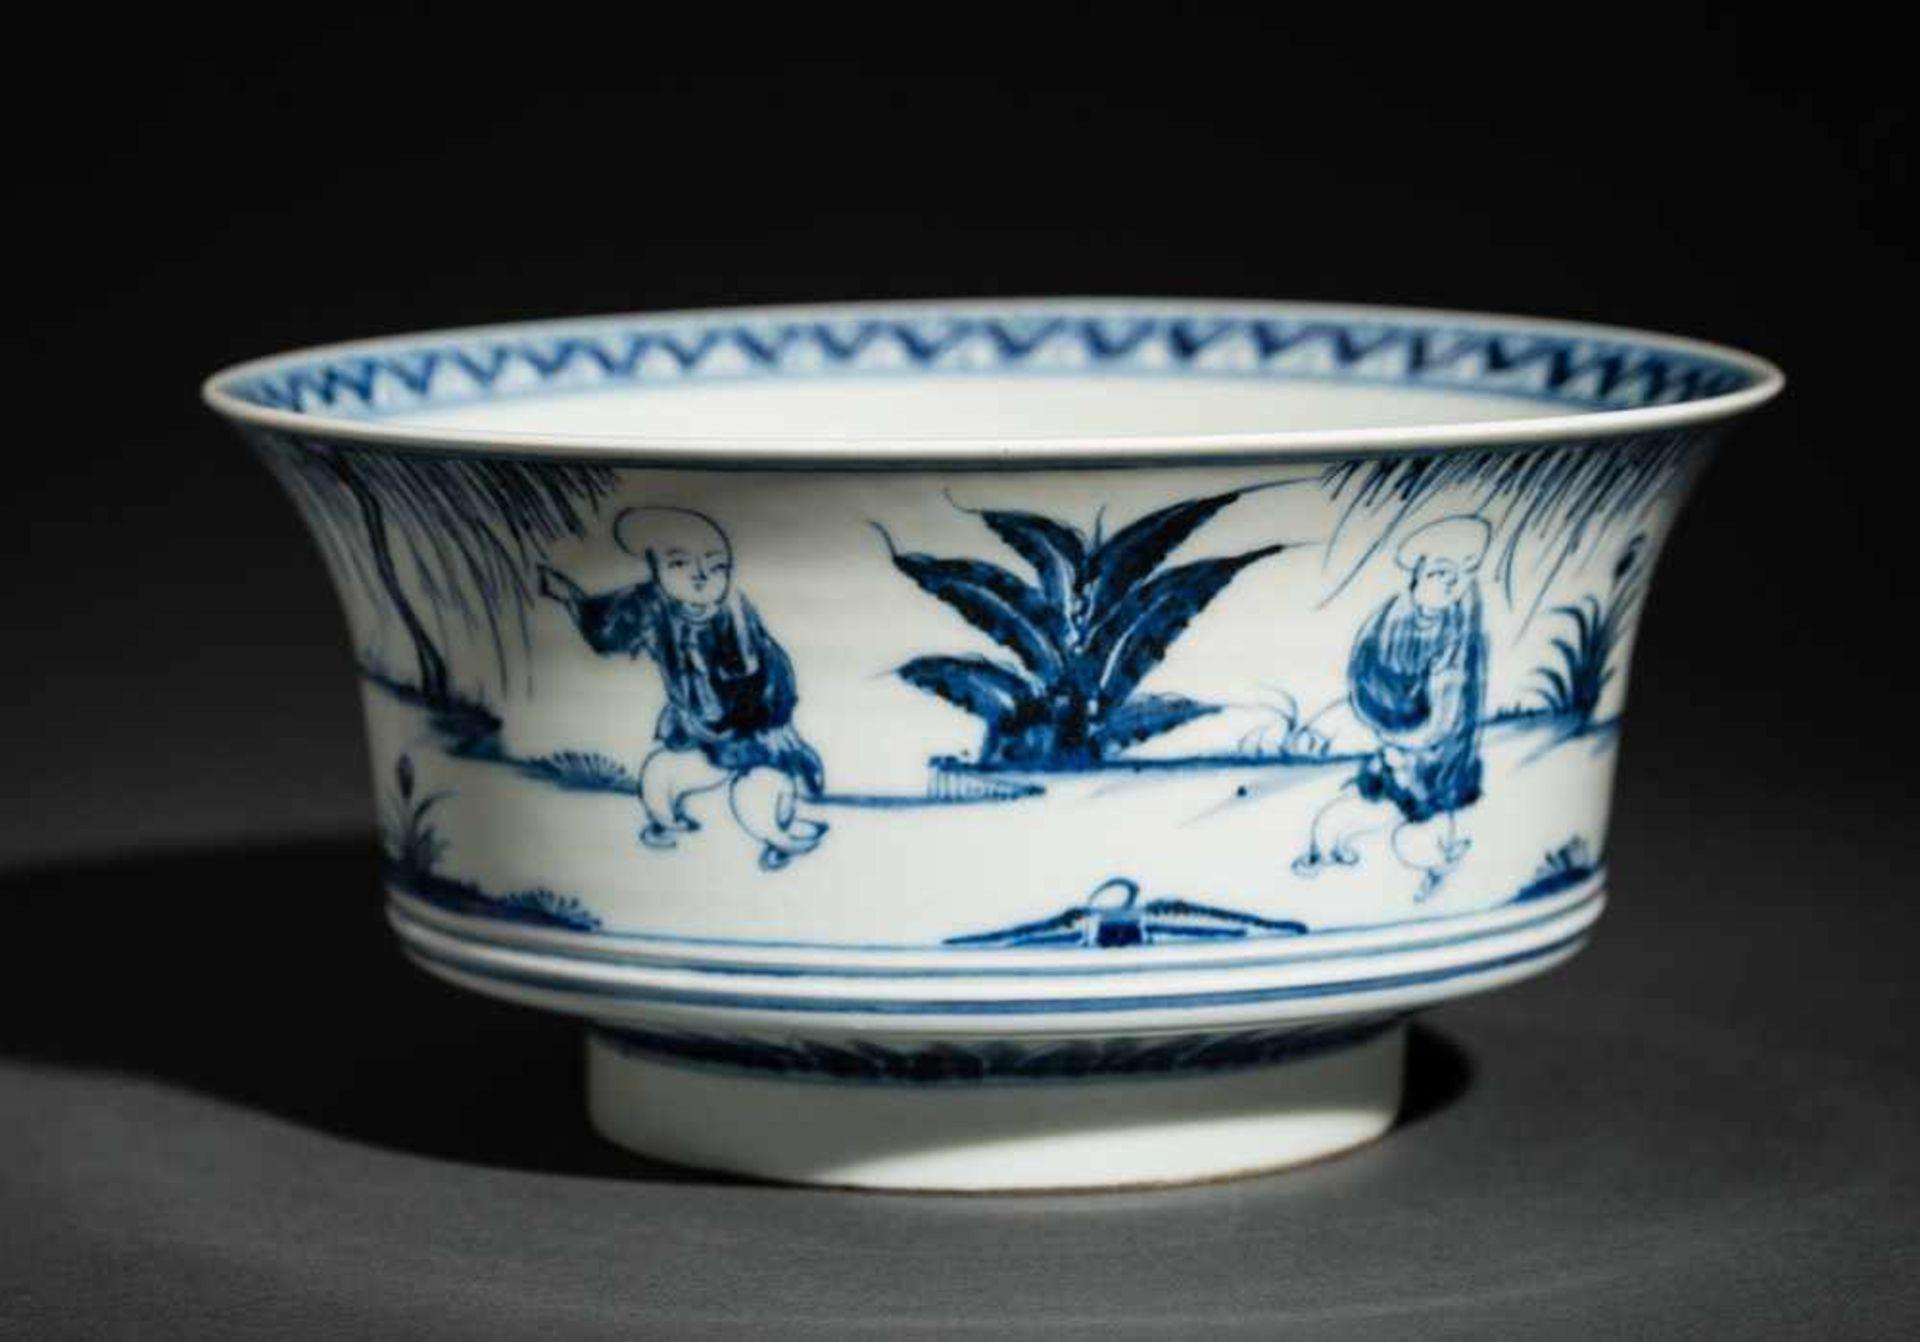 TIEFE SCHALE MIT SPIELENDEN KNABEN Blauweißes Porzellan. China, Auf der nach außen geschwungenen - Image 4 of 6